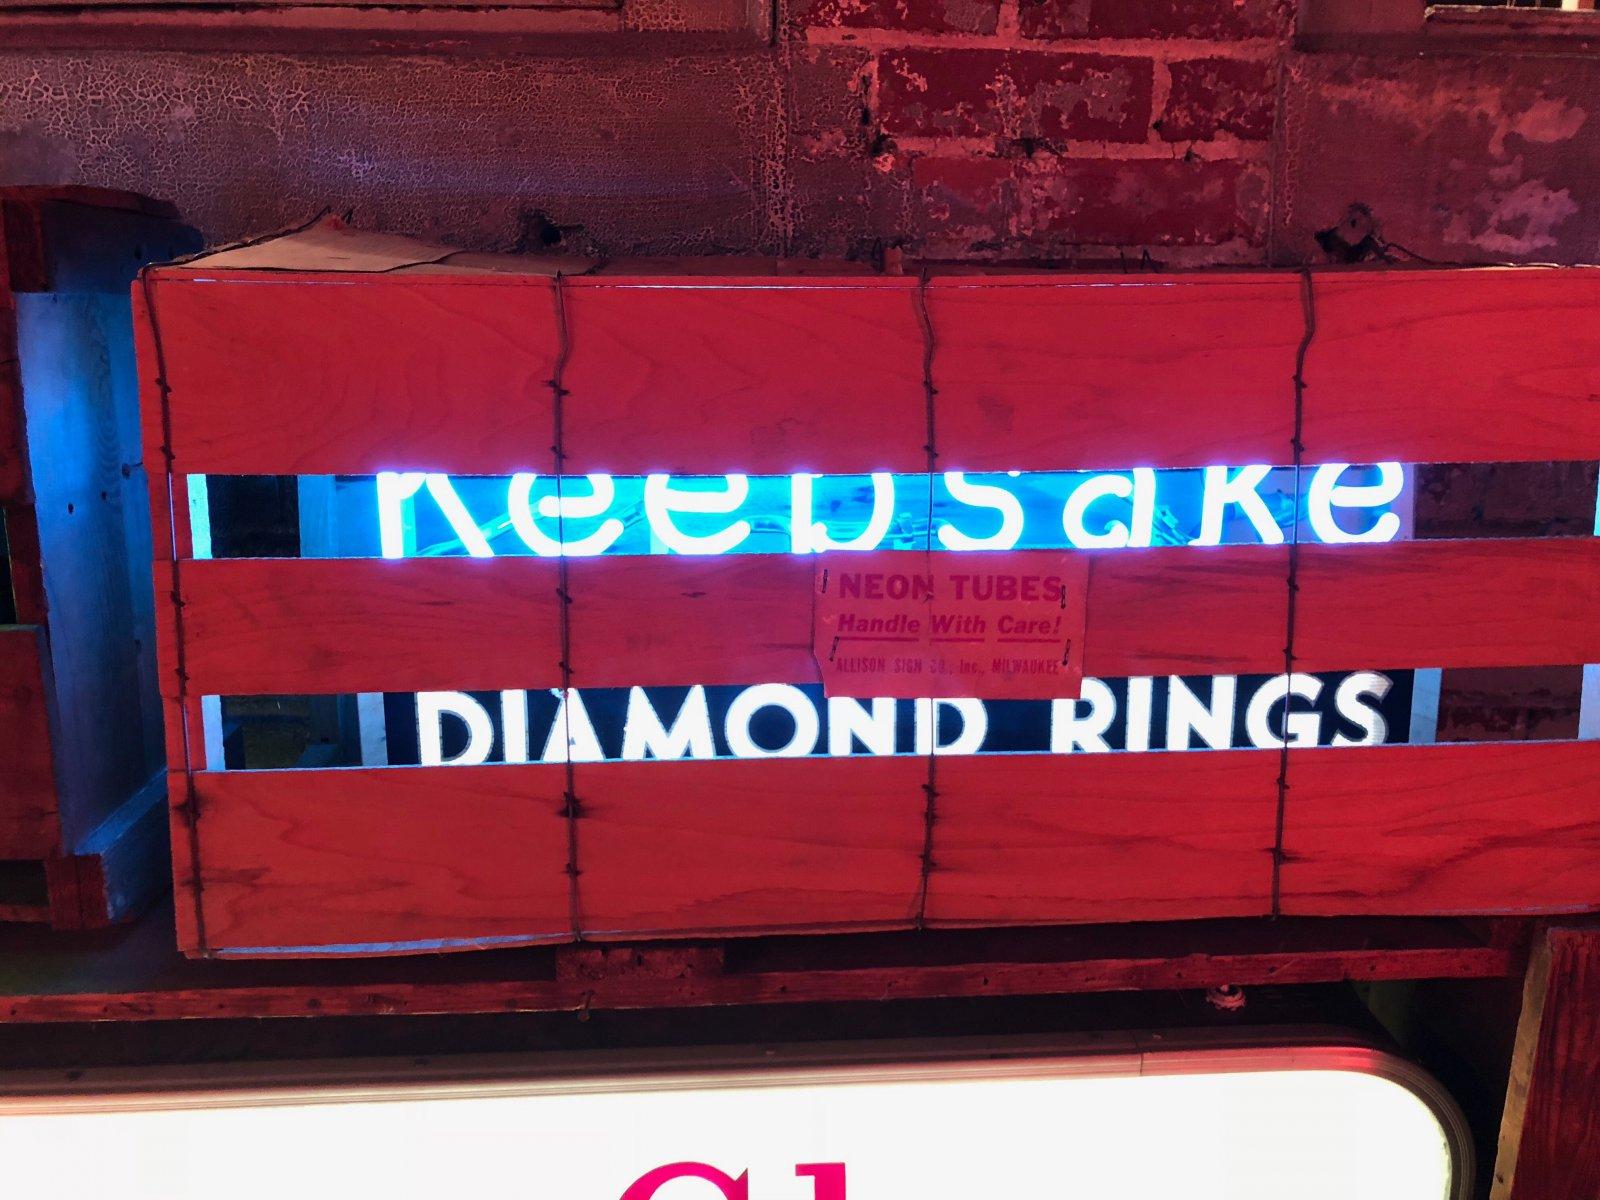 Milwaukee-made Keepsake Diamond Rings Sign